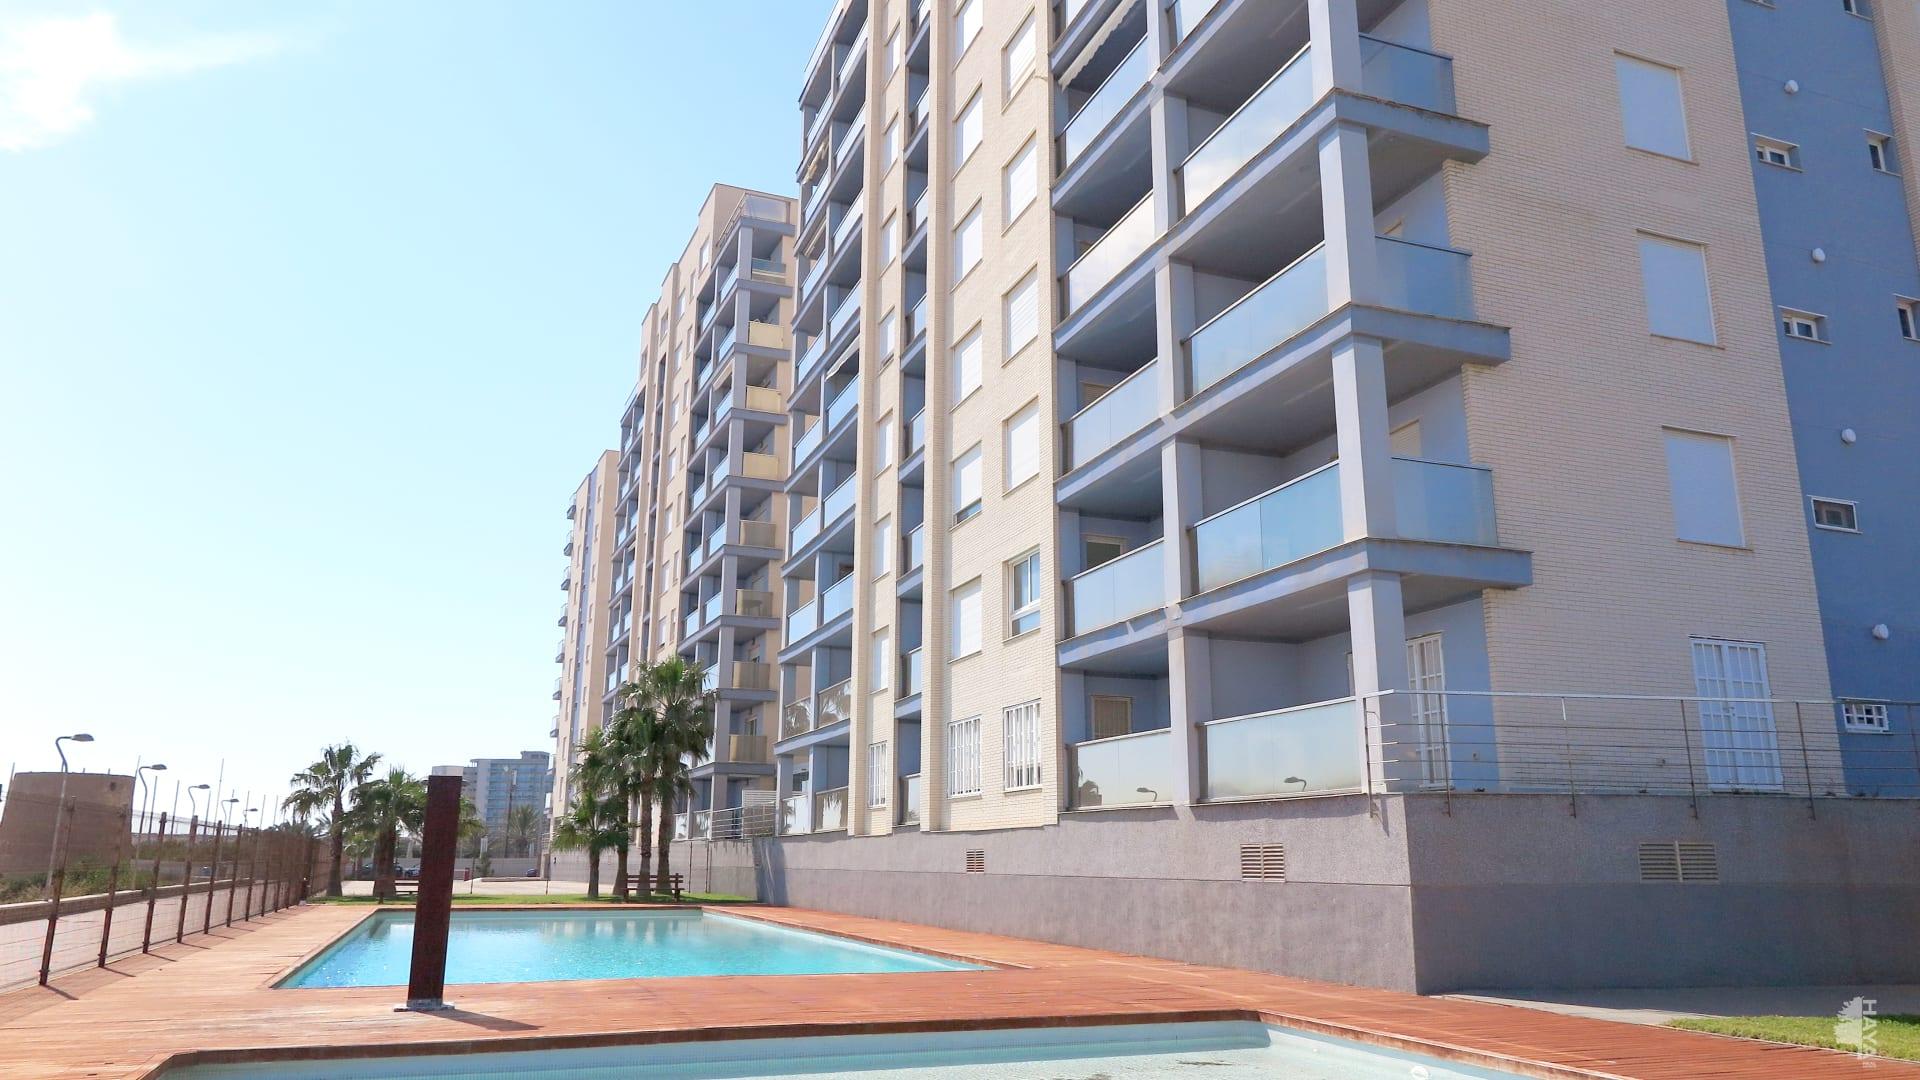 Piso en venta en San Javier, Murcia, Calle Prolongación Pol F. Conj Resid. Veneziola Golf Ii, 135.000 €, 3 habitaciones, 2 baños, 70 m2